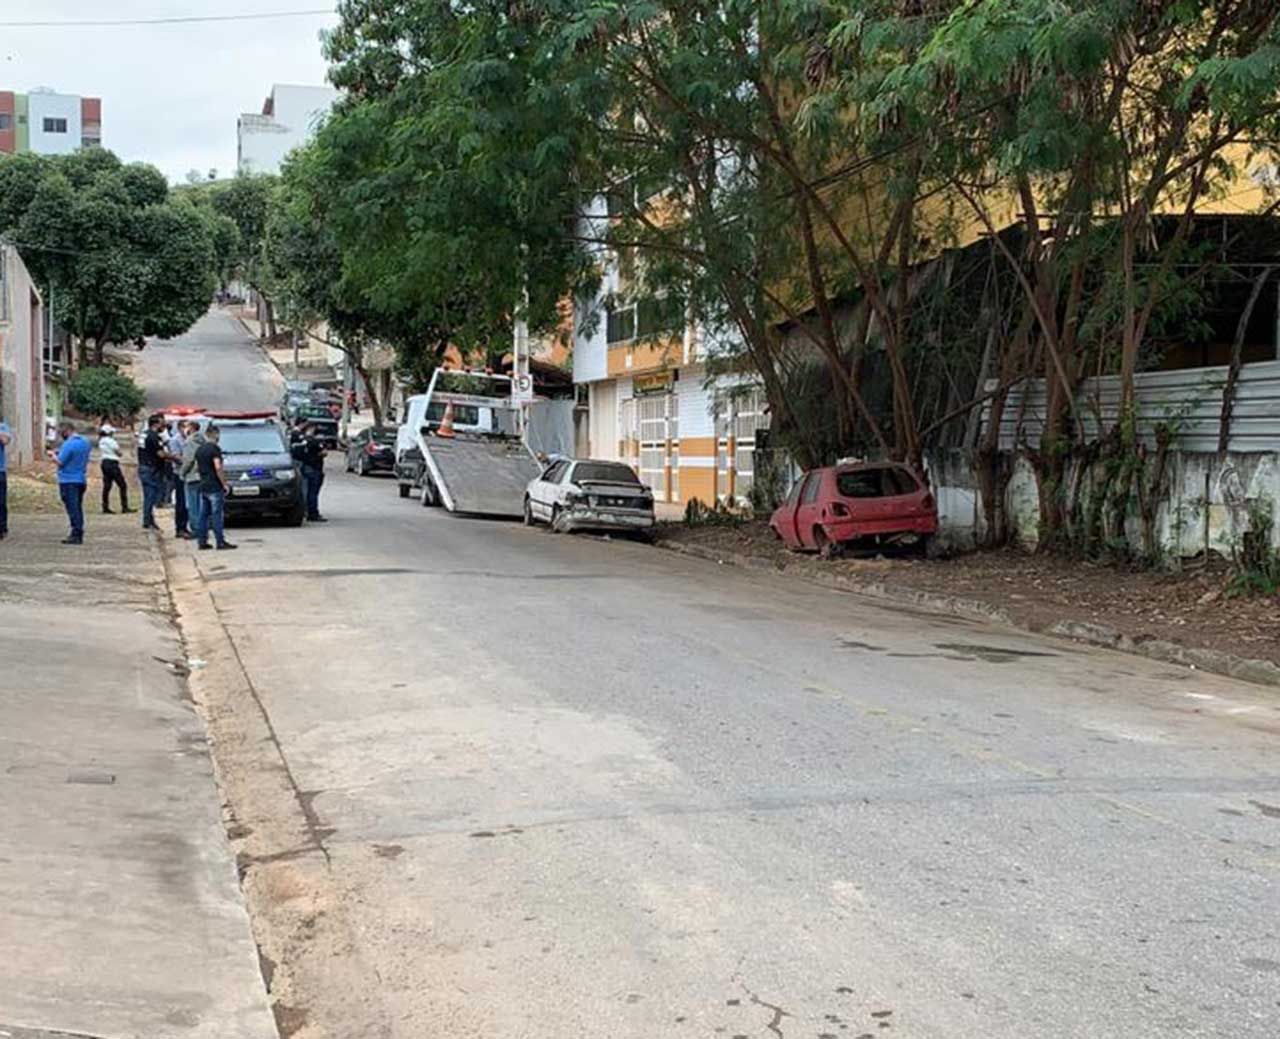 veículos-pmi-caravelas